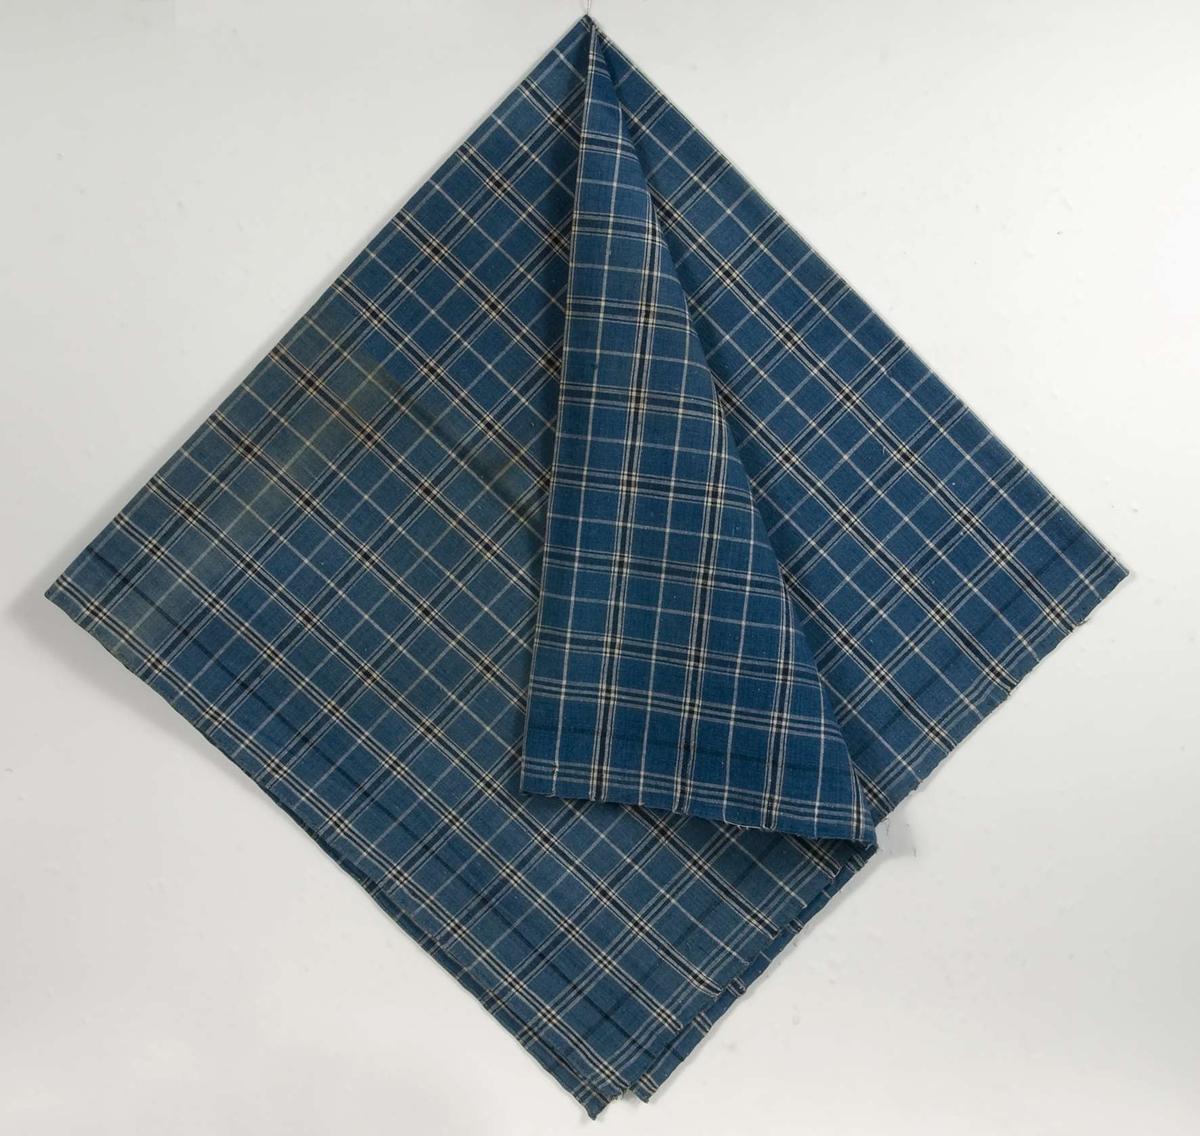 Kläde av bomullslärft. Varp och inslag av blått, mörkblått och vitt bomullsgarn. Rutmönster. Smala fållar på två sidor. Handvävd.